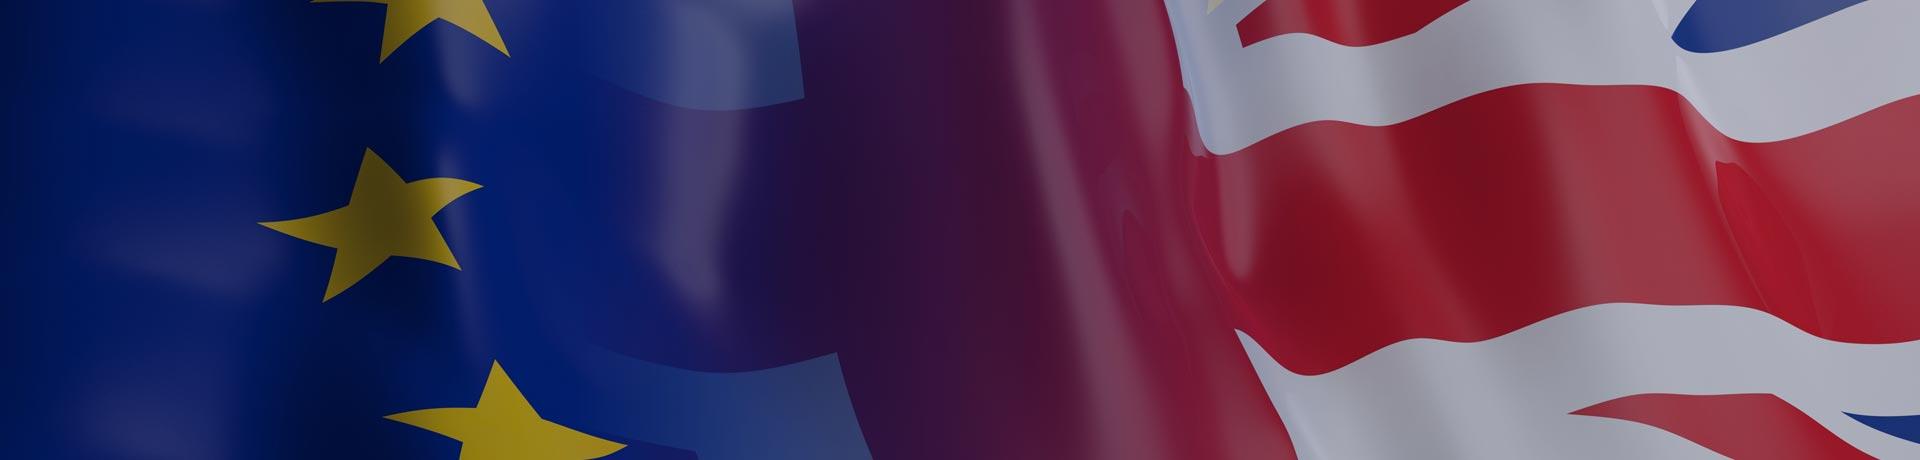 Drapeau européen et drapeau anglais